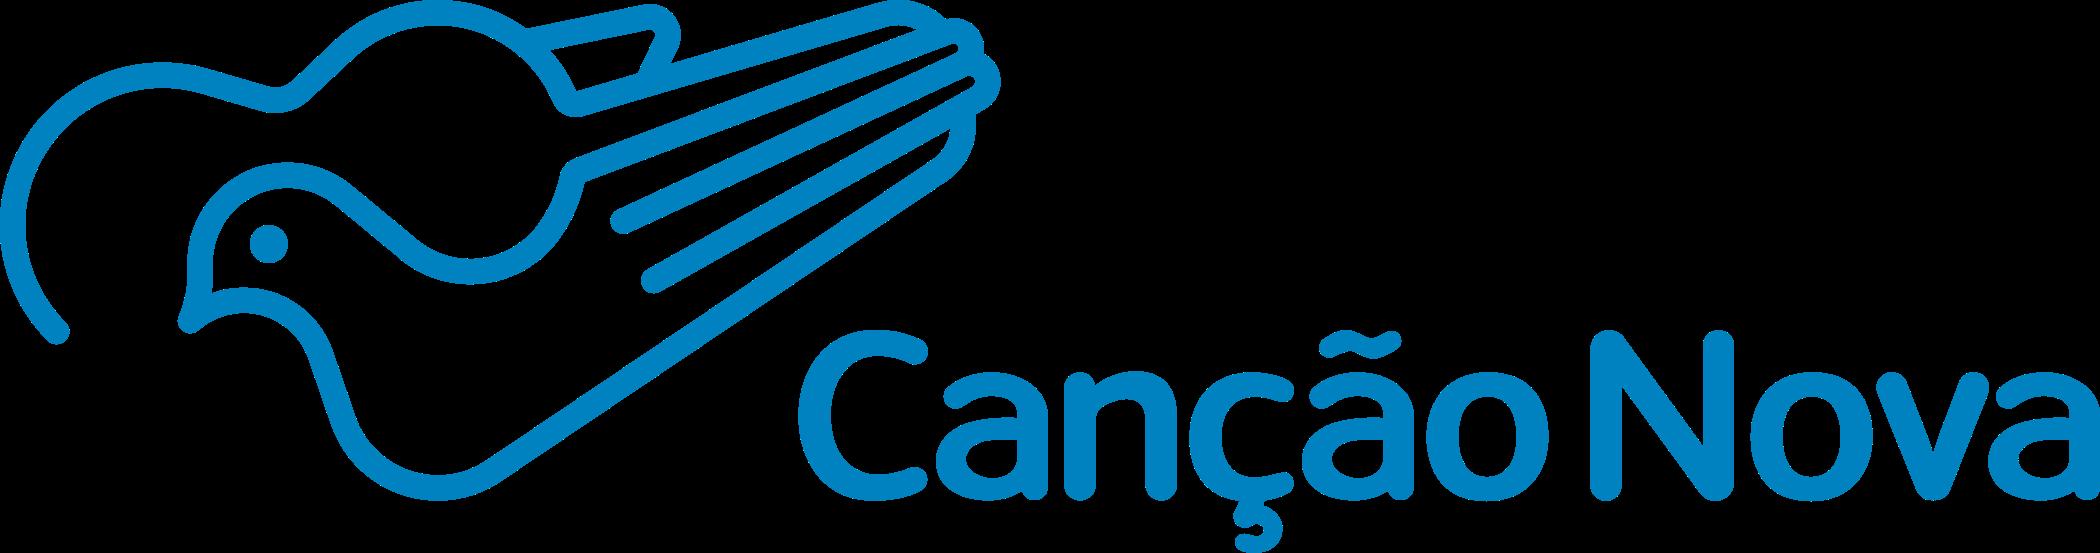 cancao nova logo 3 - Canção Nova Logo